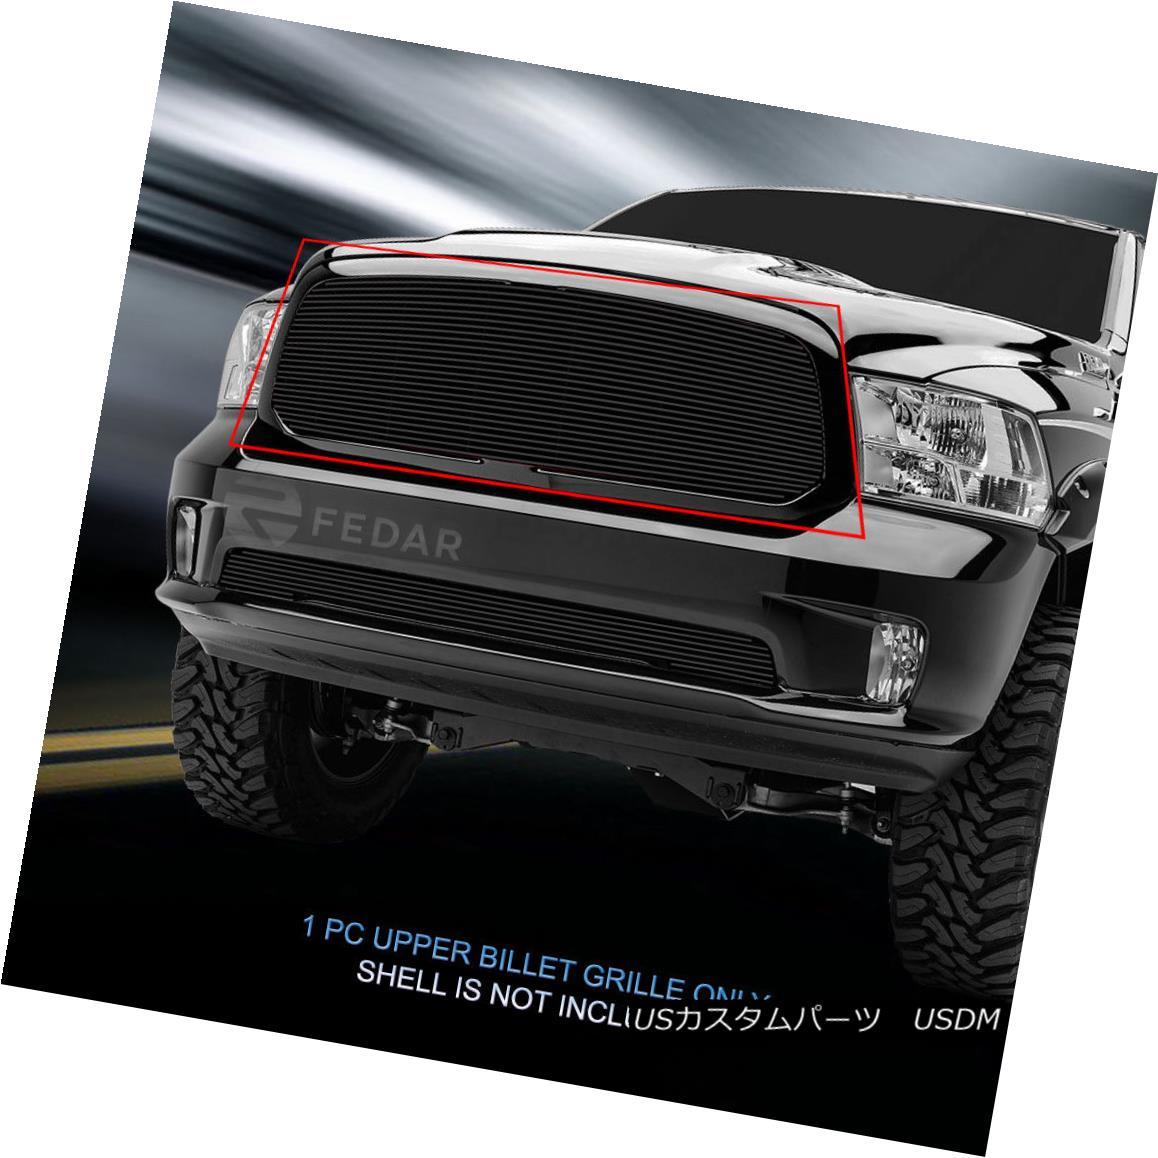 グリル Fits 2013-2017 Dodge Ram 1500 Black Billet Grille Upper Grill Insert Fedar フィット2013-2017ダッジラム1500ブラックビレットグリルアッパーグリルインサートFedar